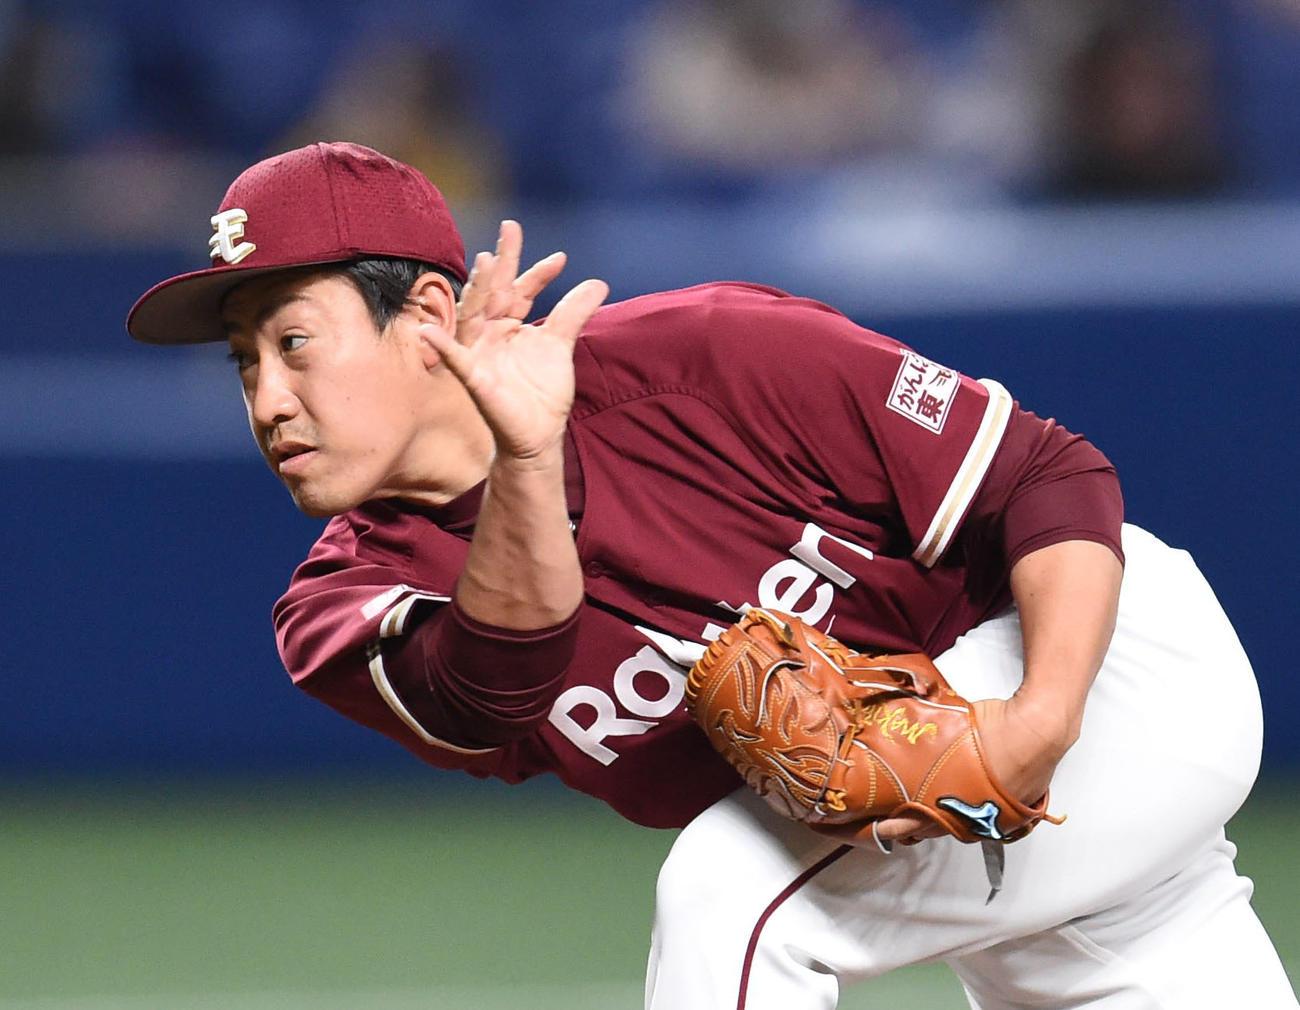 オープン戦・中日対楽天 7回裏、楽天4番手で登板する牧田和久(撮影・森本幸一)